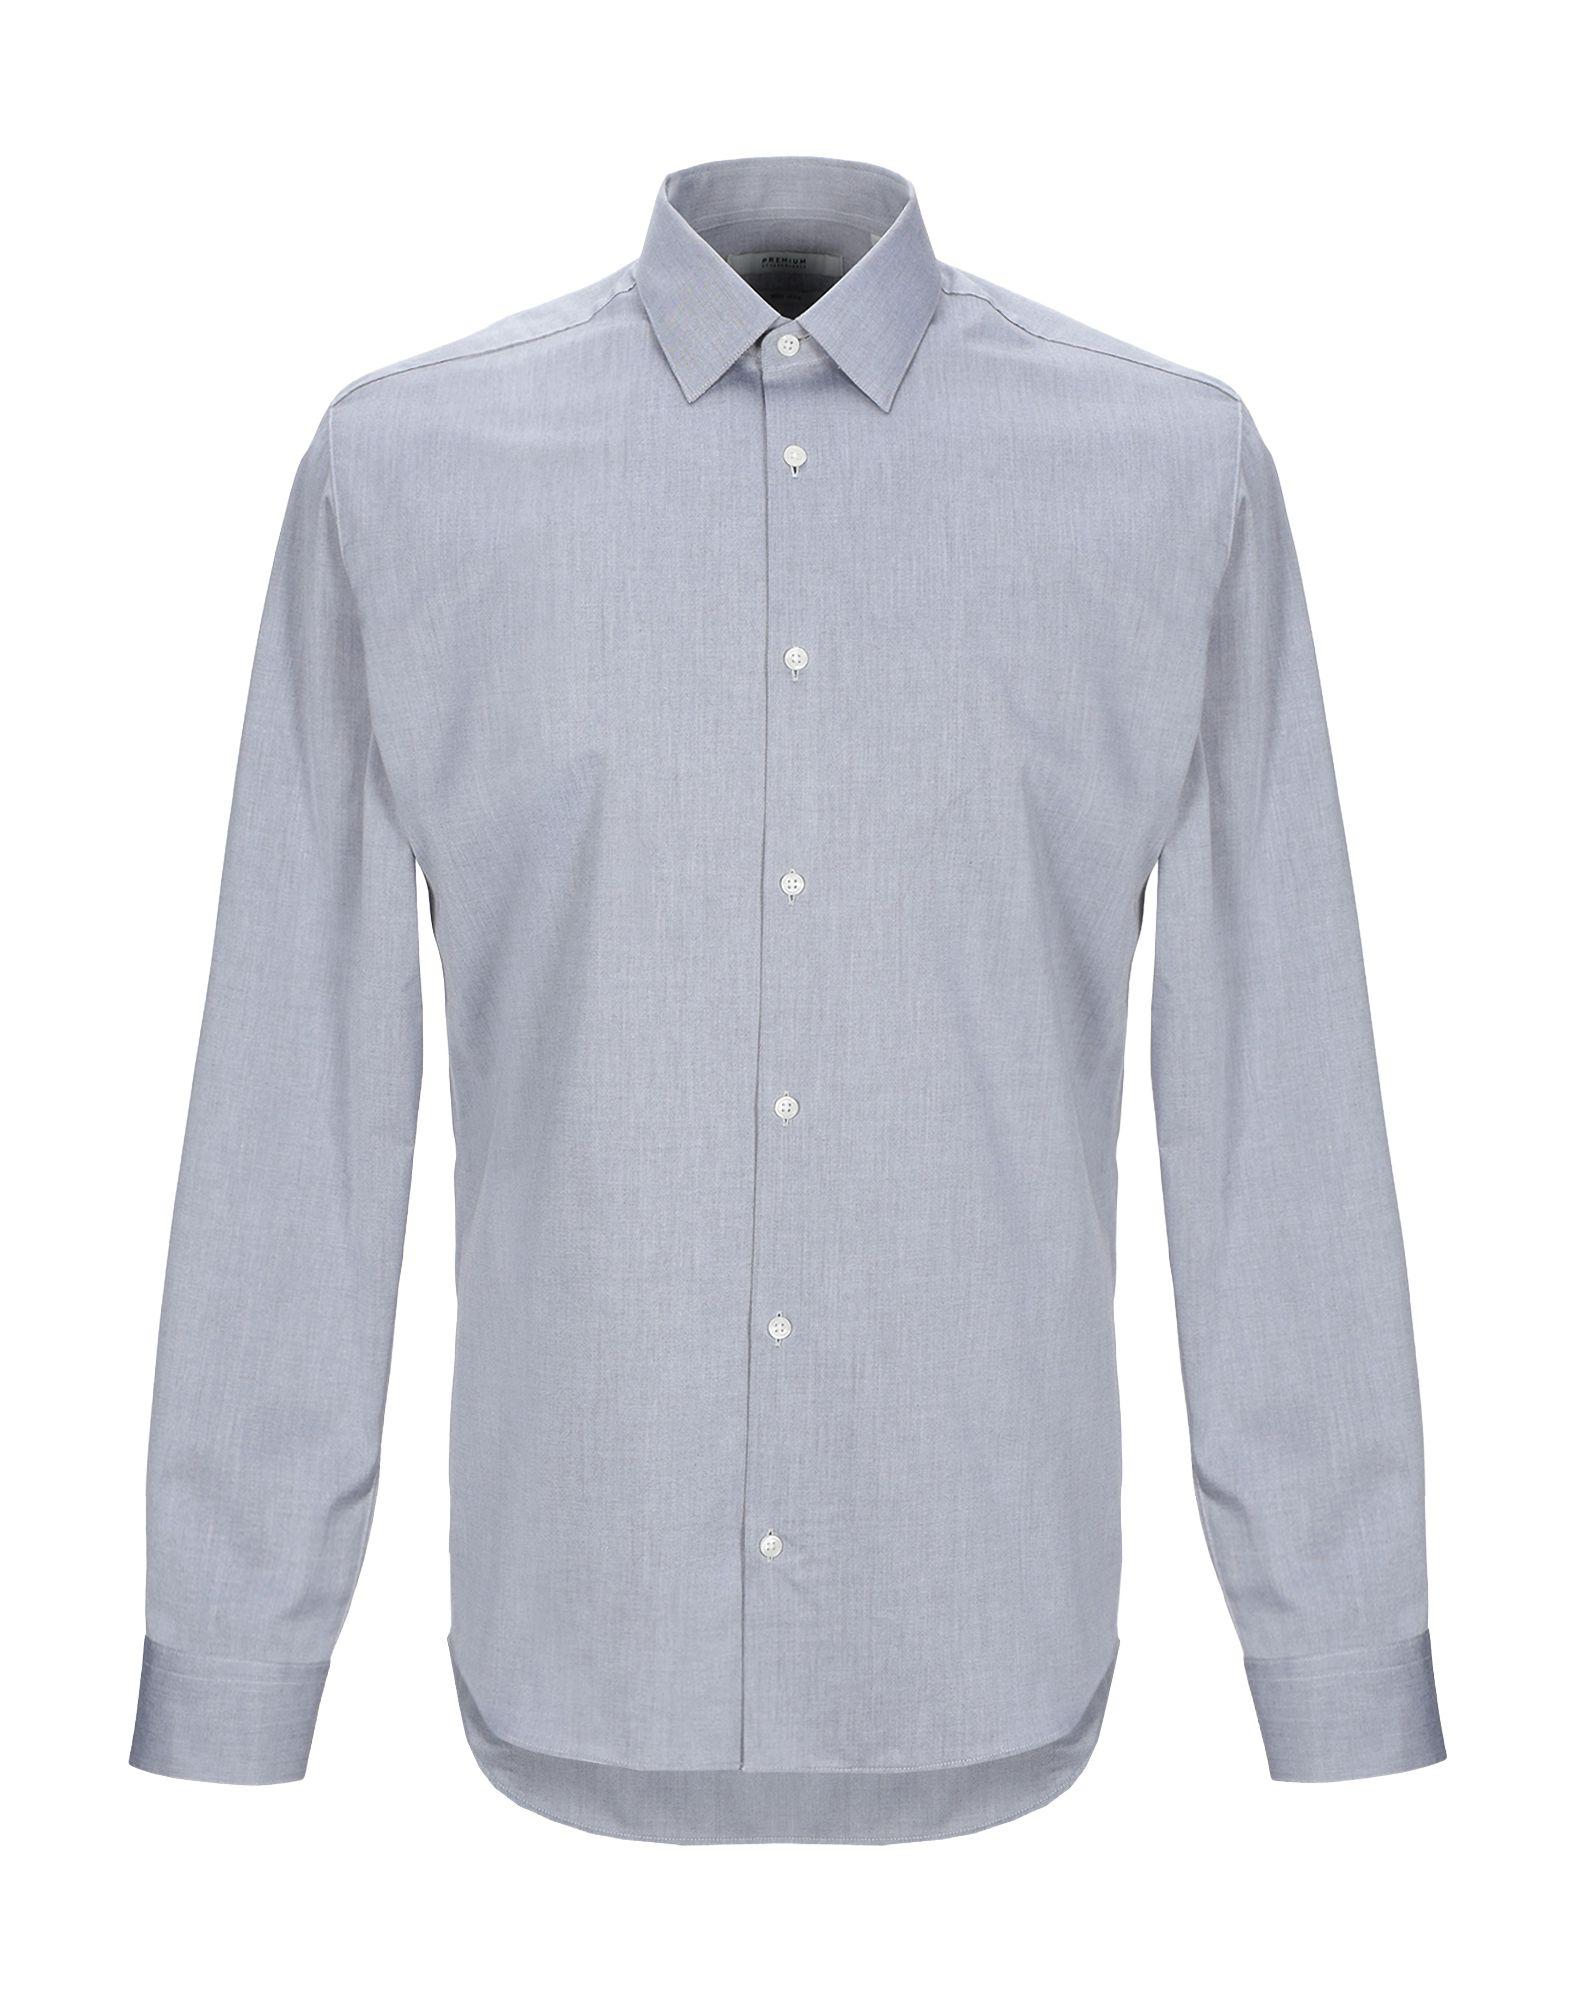 《送料無料》JACK & JONES PREMIUM メンズ シャツ ライトグレー M コットン 100%